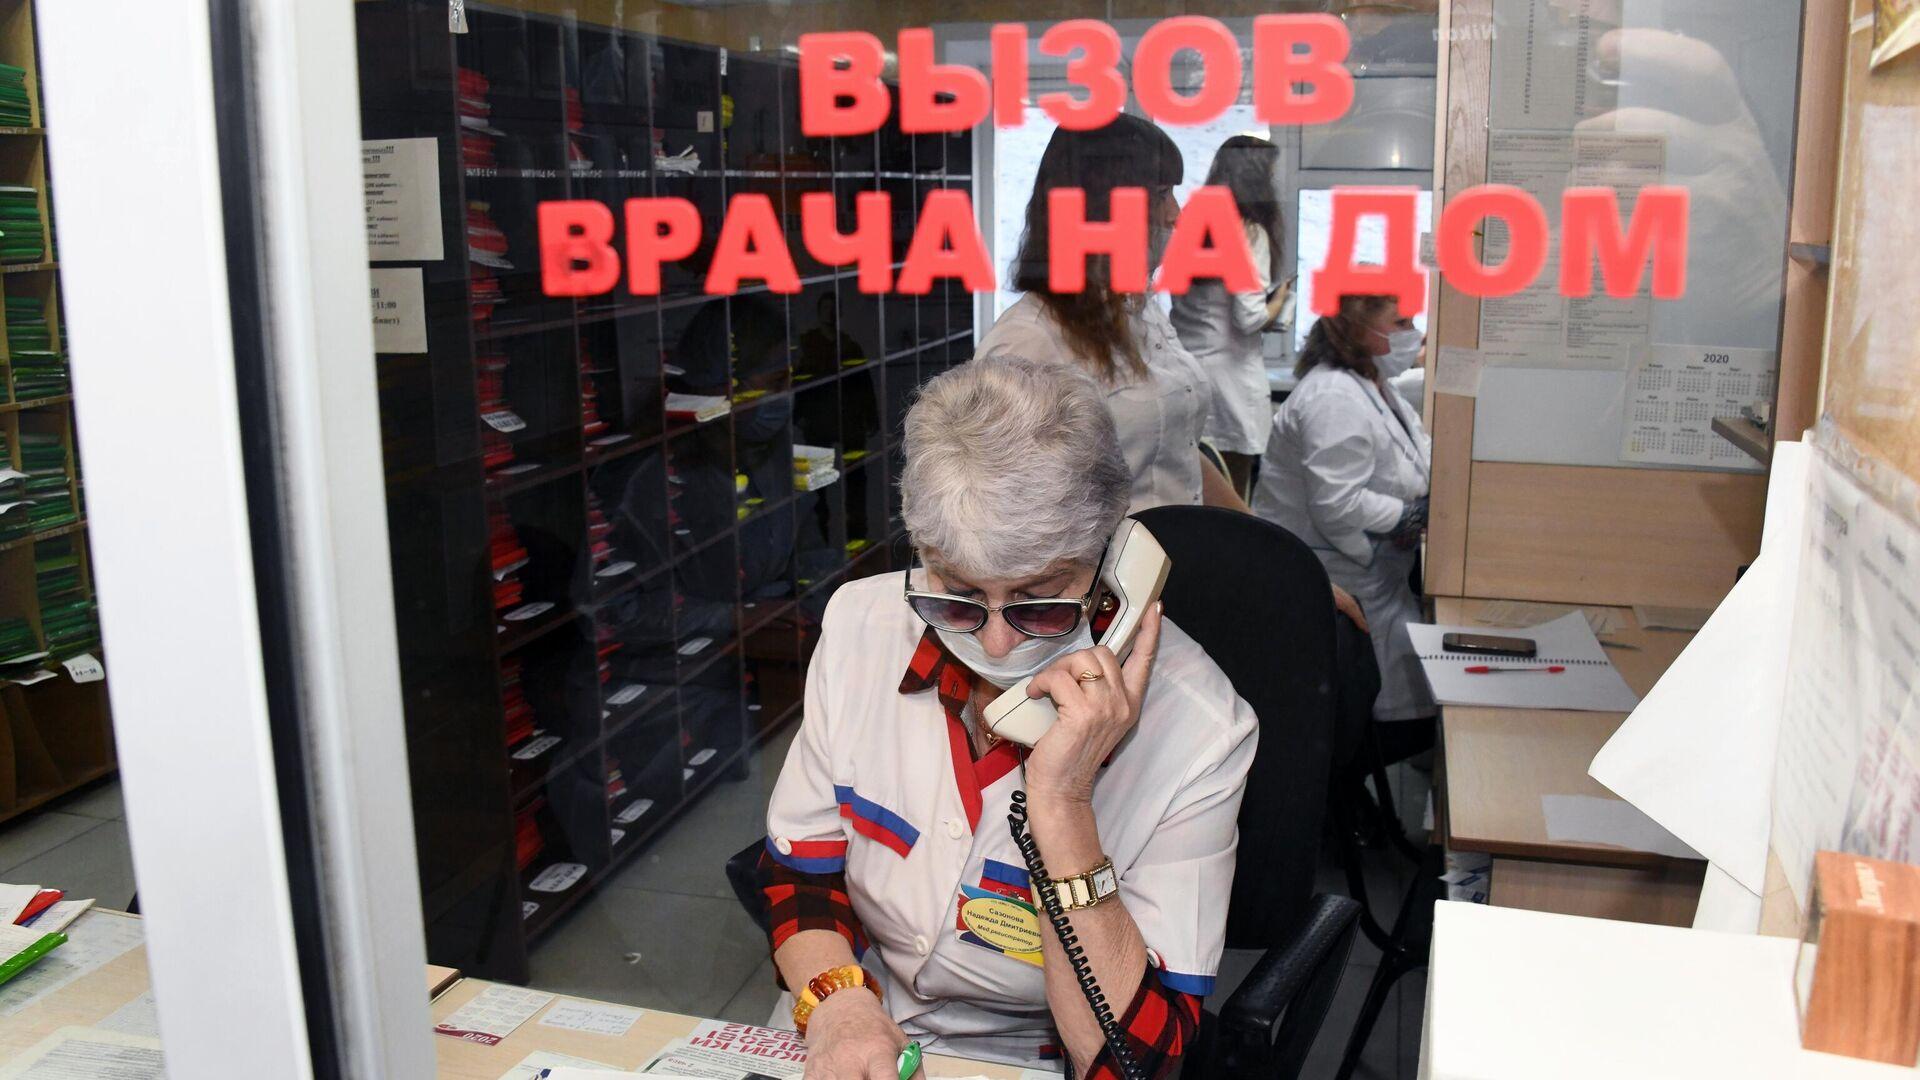 Медицинский работник в регистратуре поликлиники  - РИА Новости, 1920, 27.11.2020